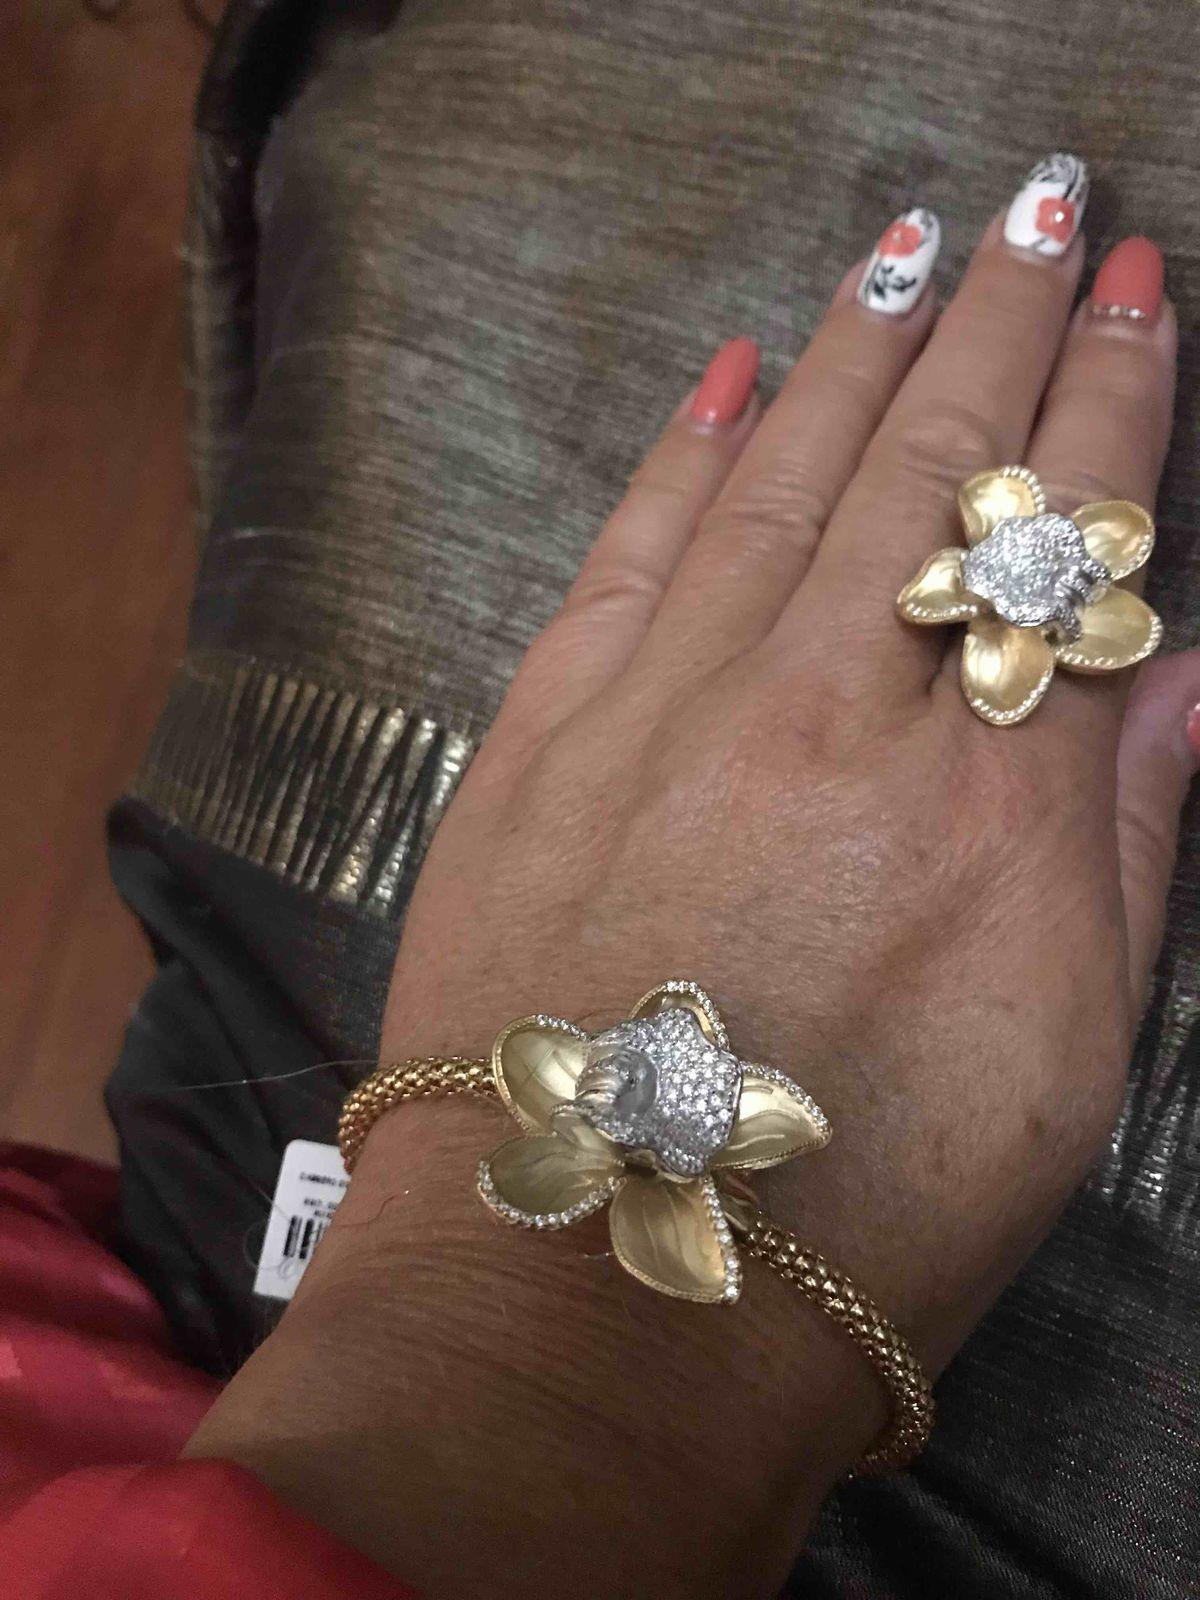 Увидела этот браслет в каталоге и влюбилась , вчера купила, очень довольна!